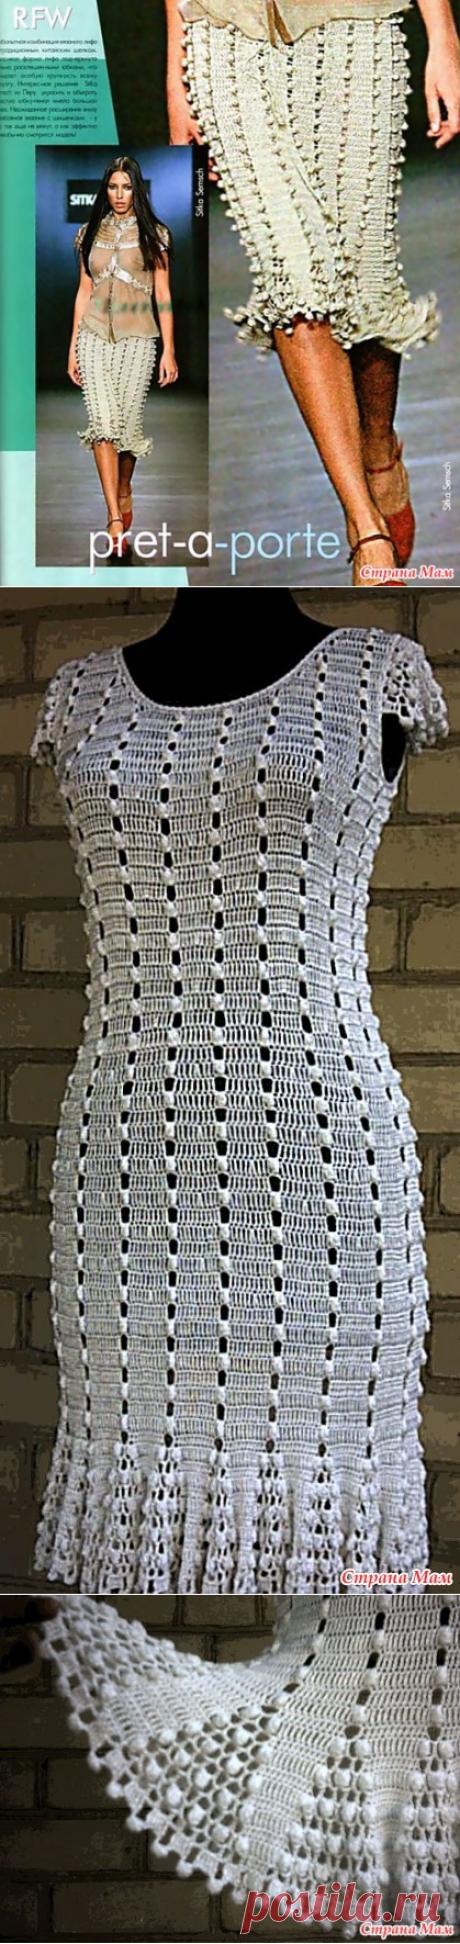 Как хорошо уметь вязать: Юбка и платье крючком...